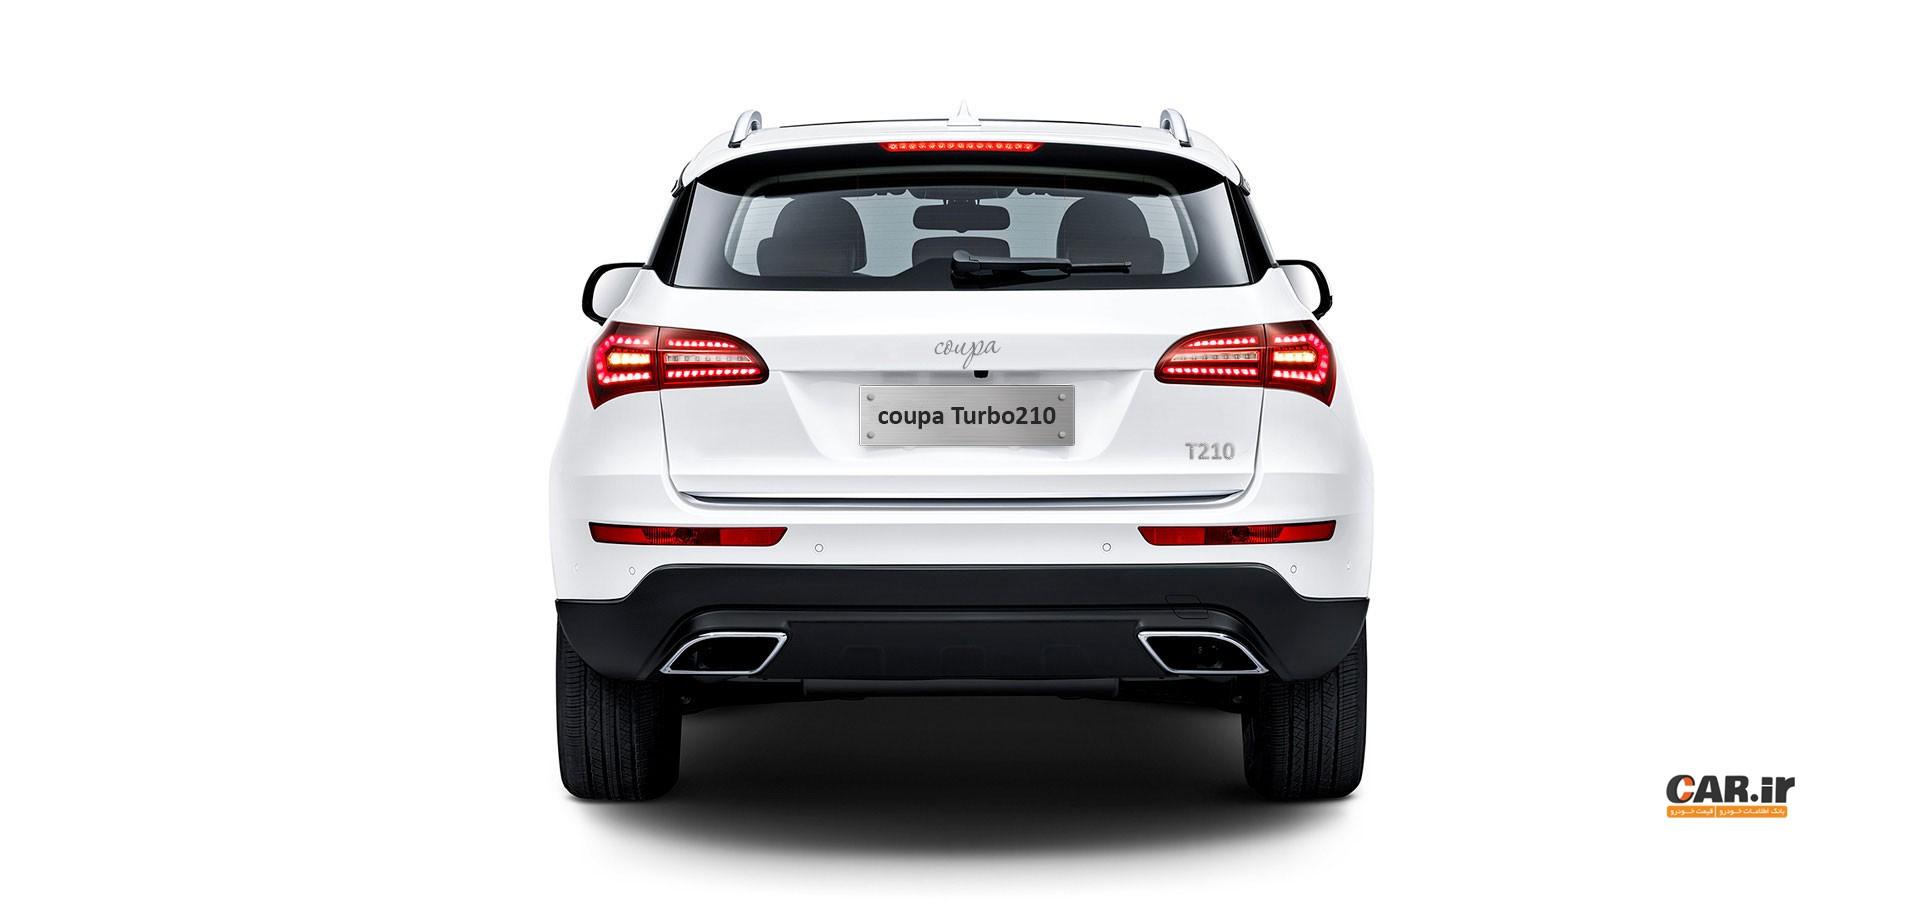 معرفی کامل و مشخصات فنی خودروی شاسی بلند جدید کوپا